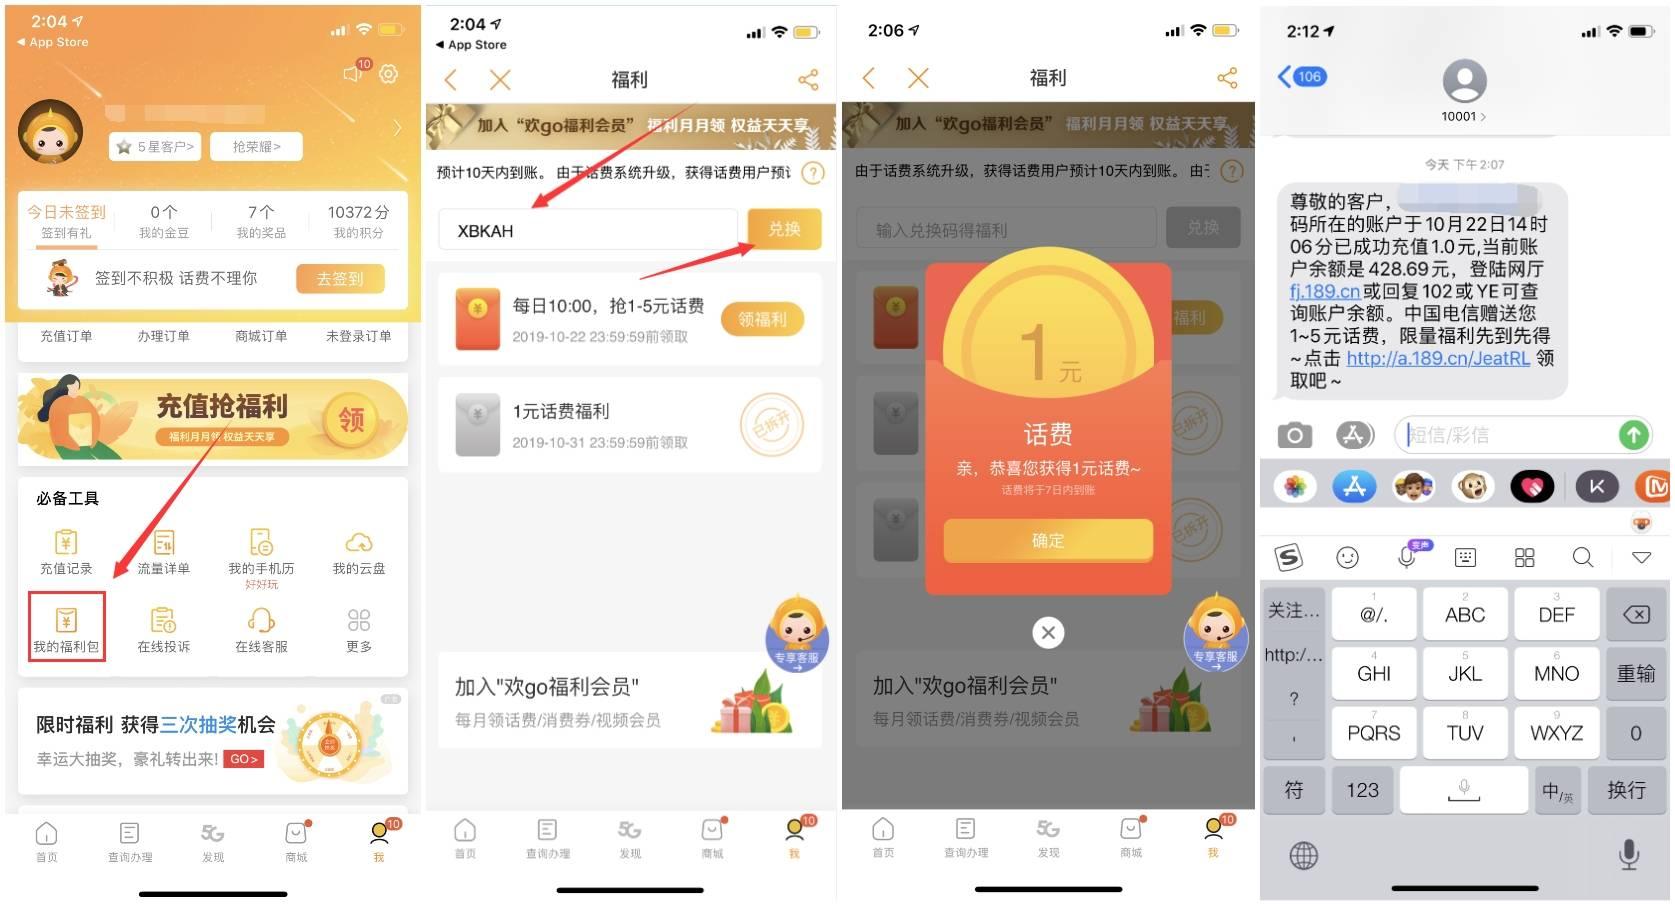 中国电信营业厅APP 新兑换码免费领取1元话费红包